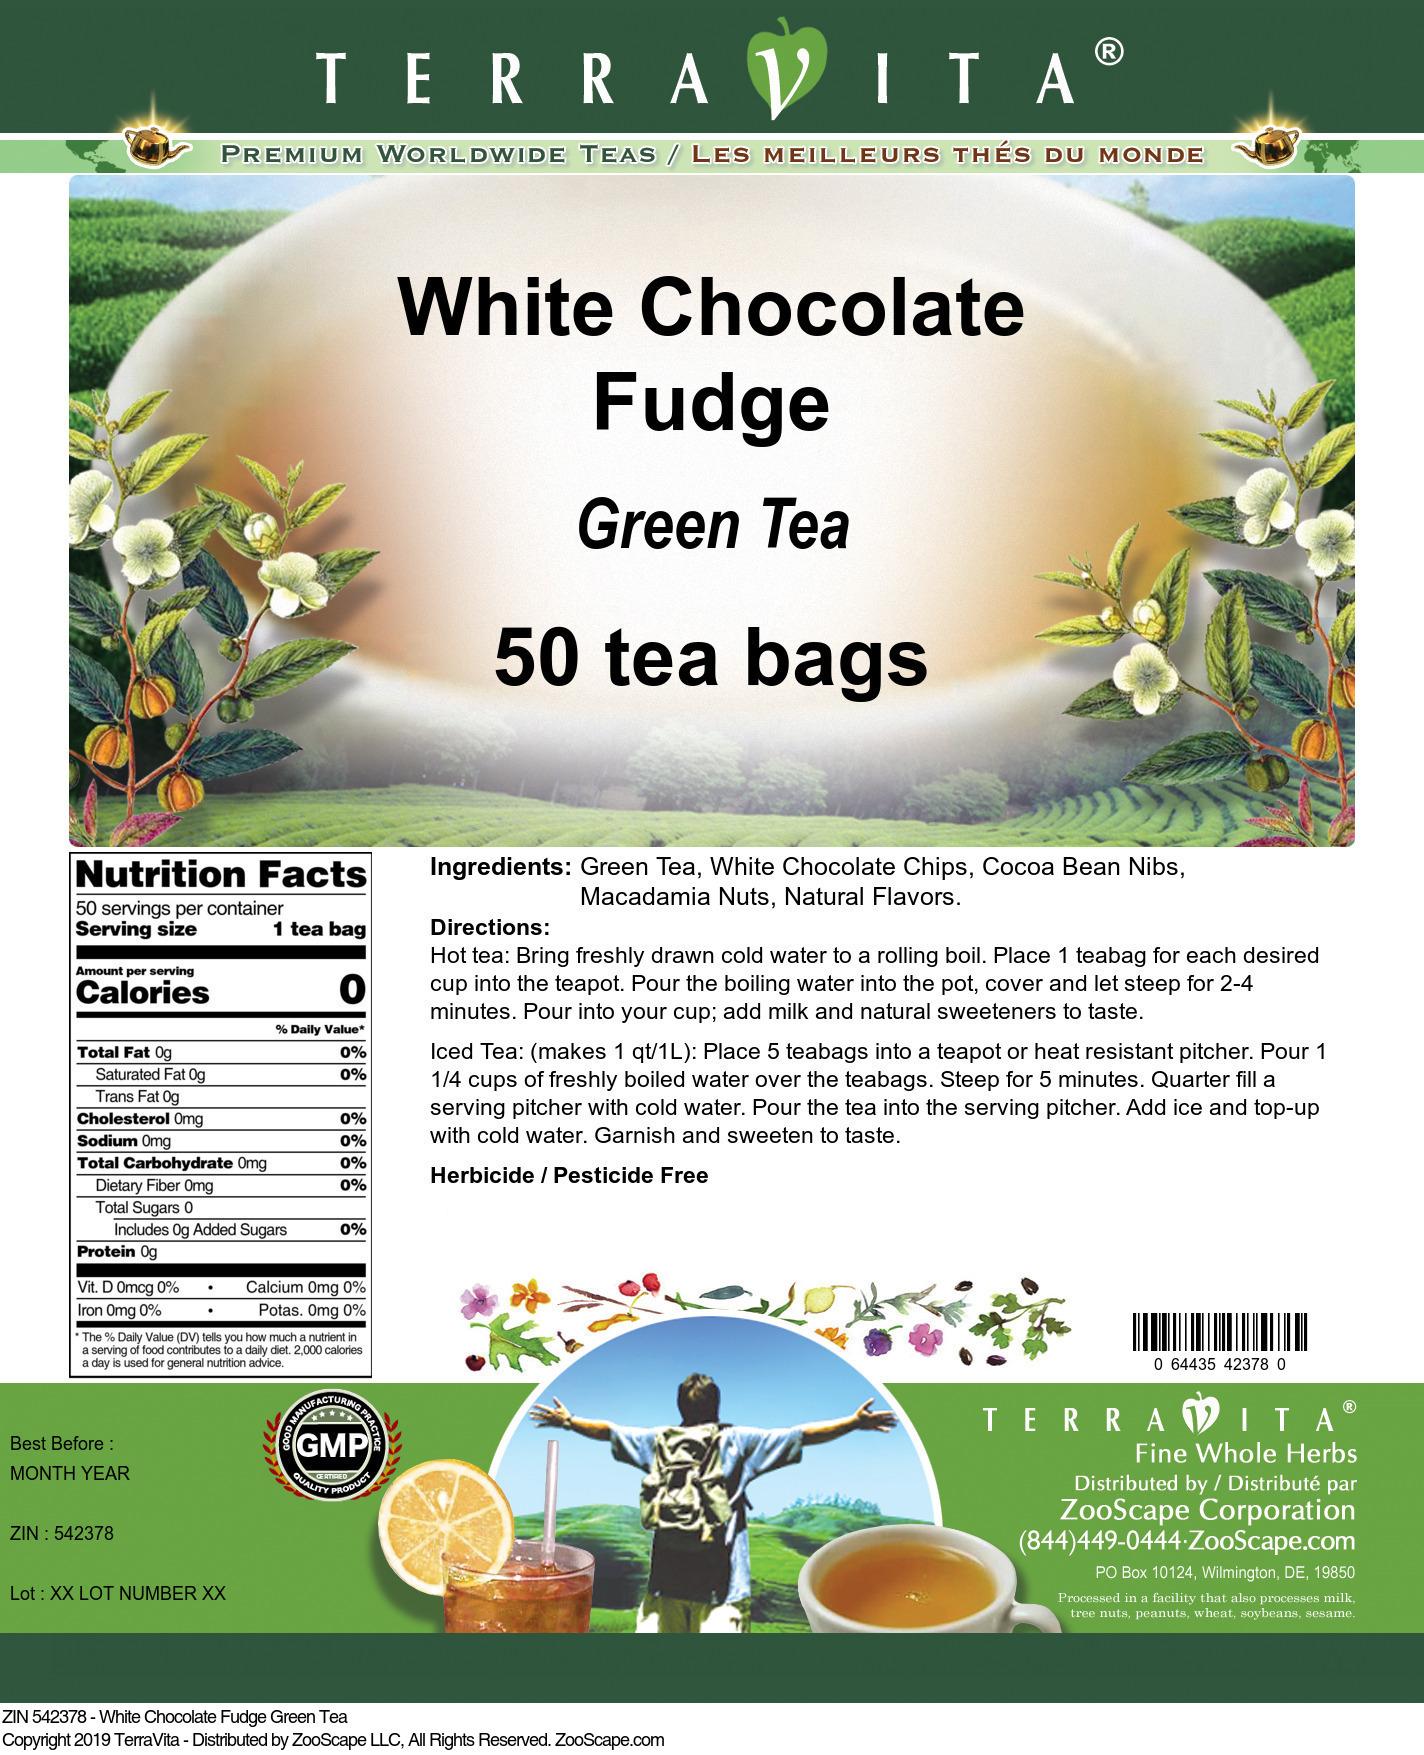 White Chocolate Fudge Green Tea